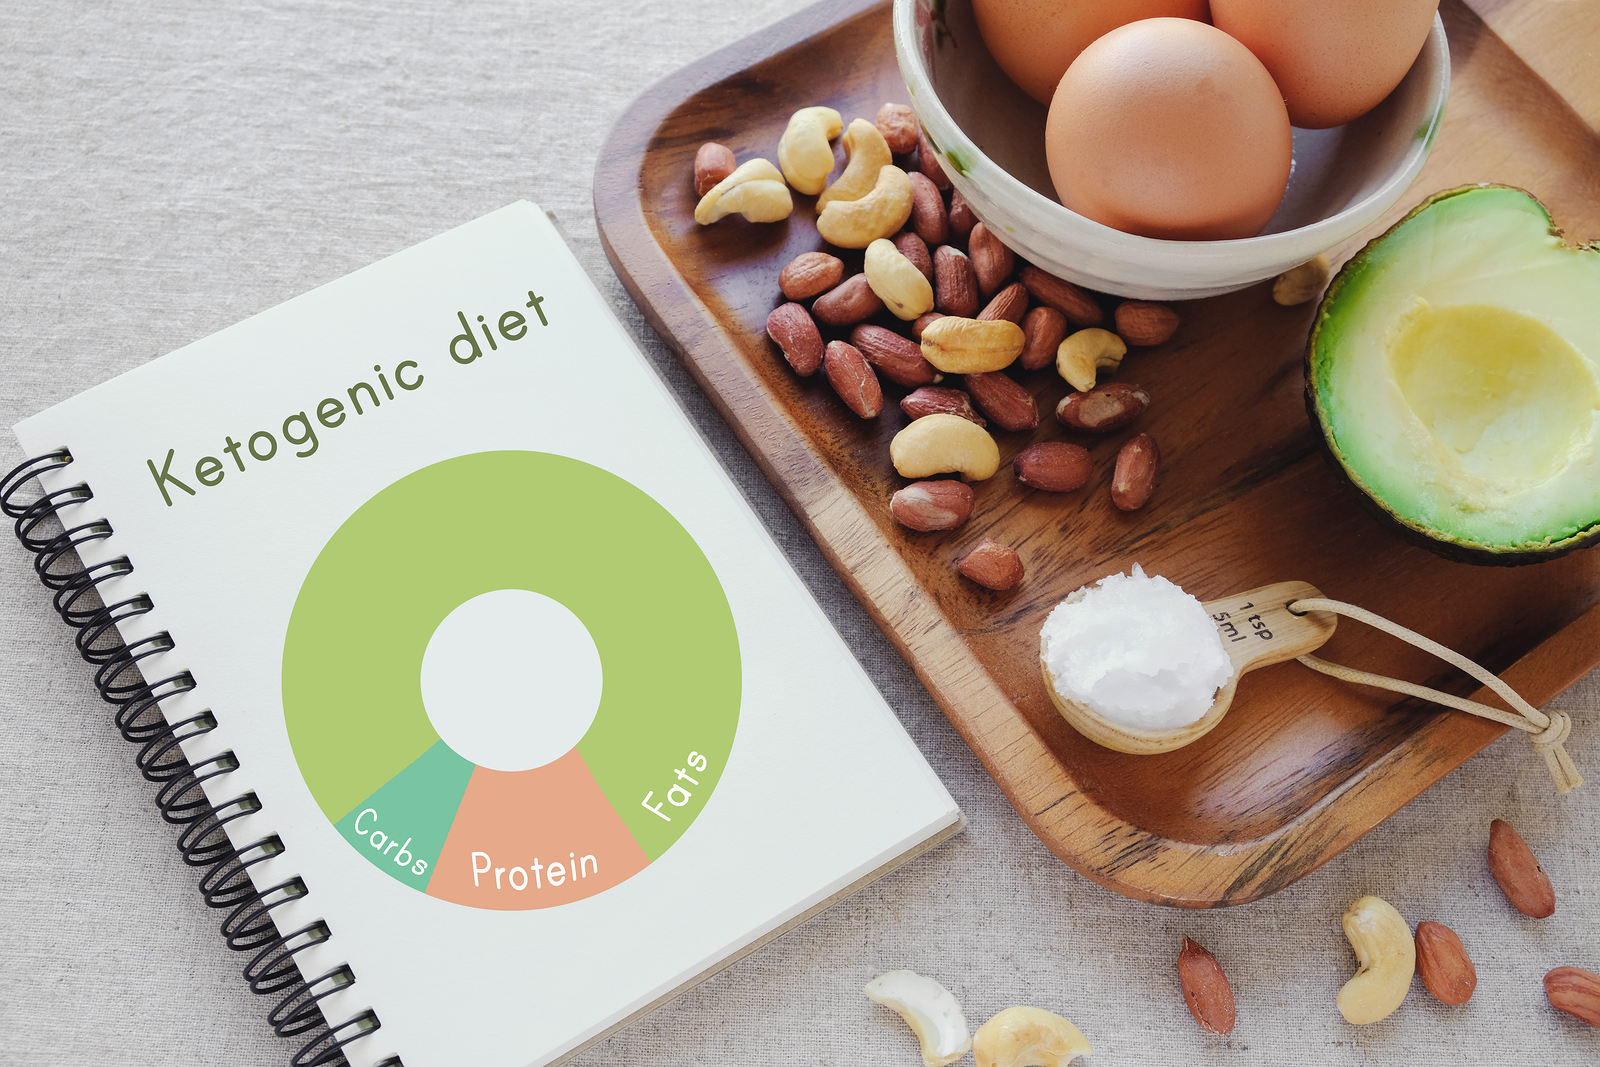 Jak Ulozyc Jadlospis Dla Diety Ketogenicznej Pasja Sportu Portal